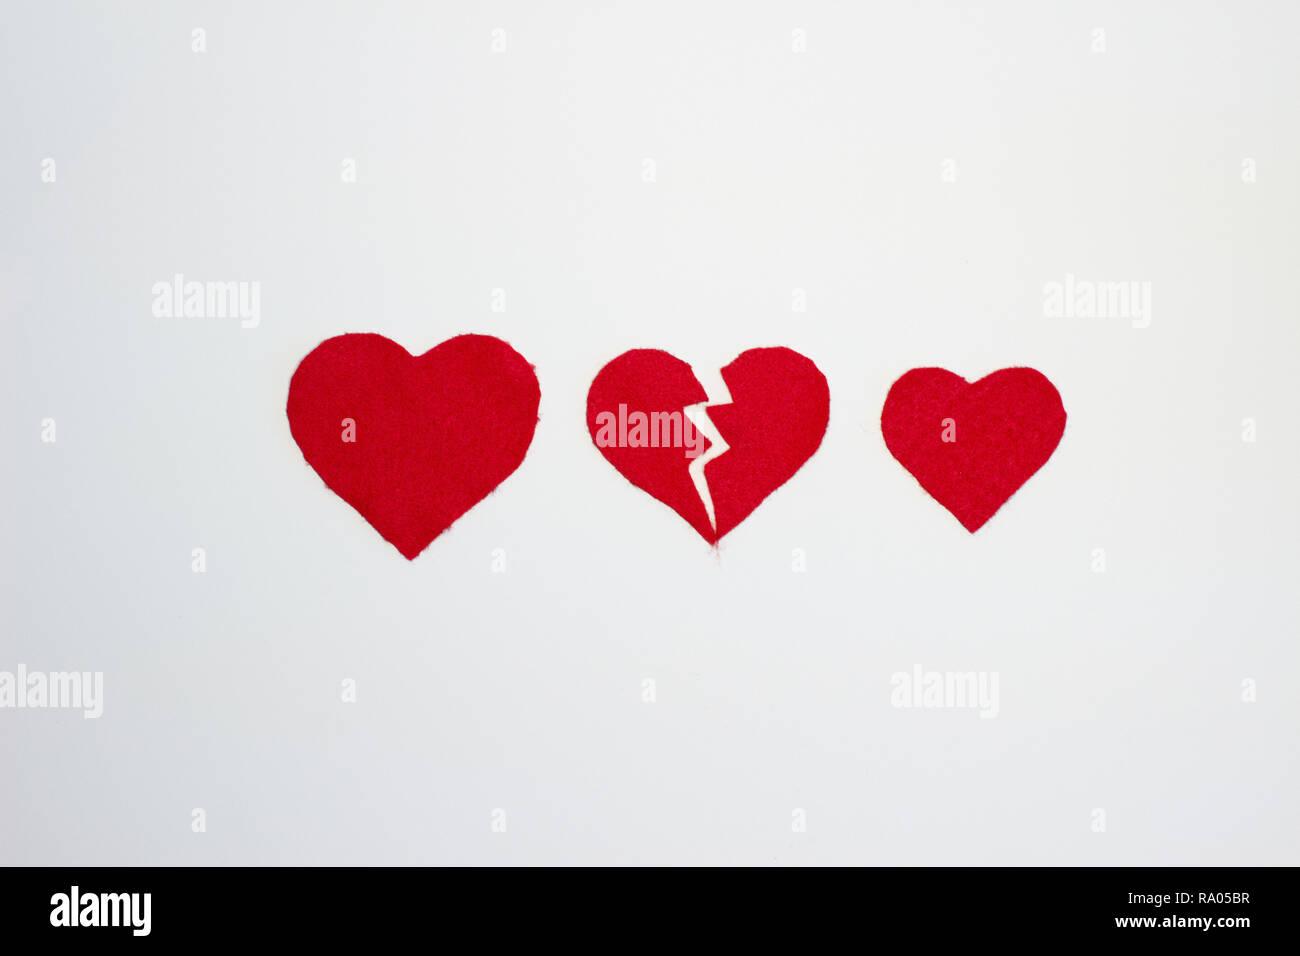 Heartbreak e amore rappresentato dal feltro rosso cuori Immagini Stock